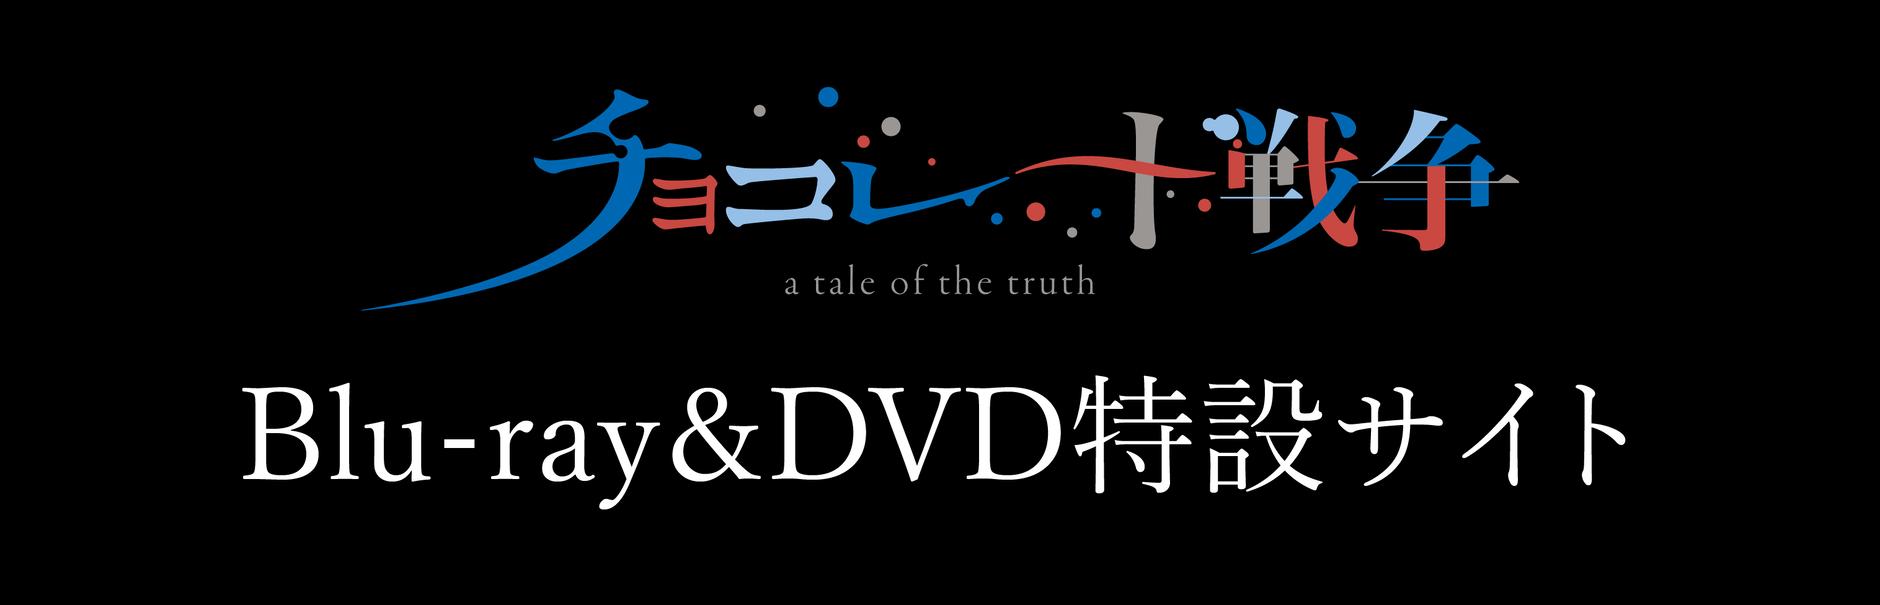 舞台「チョコレート戦争」BD&DVD販売特設サイト